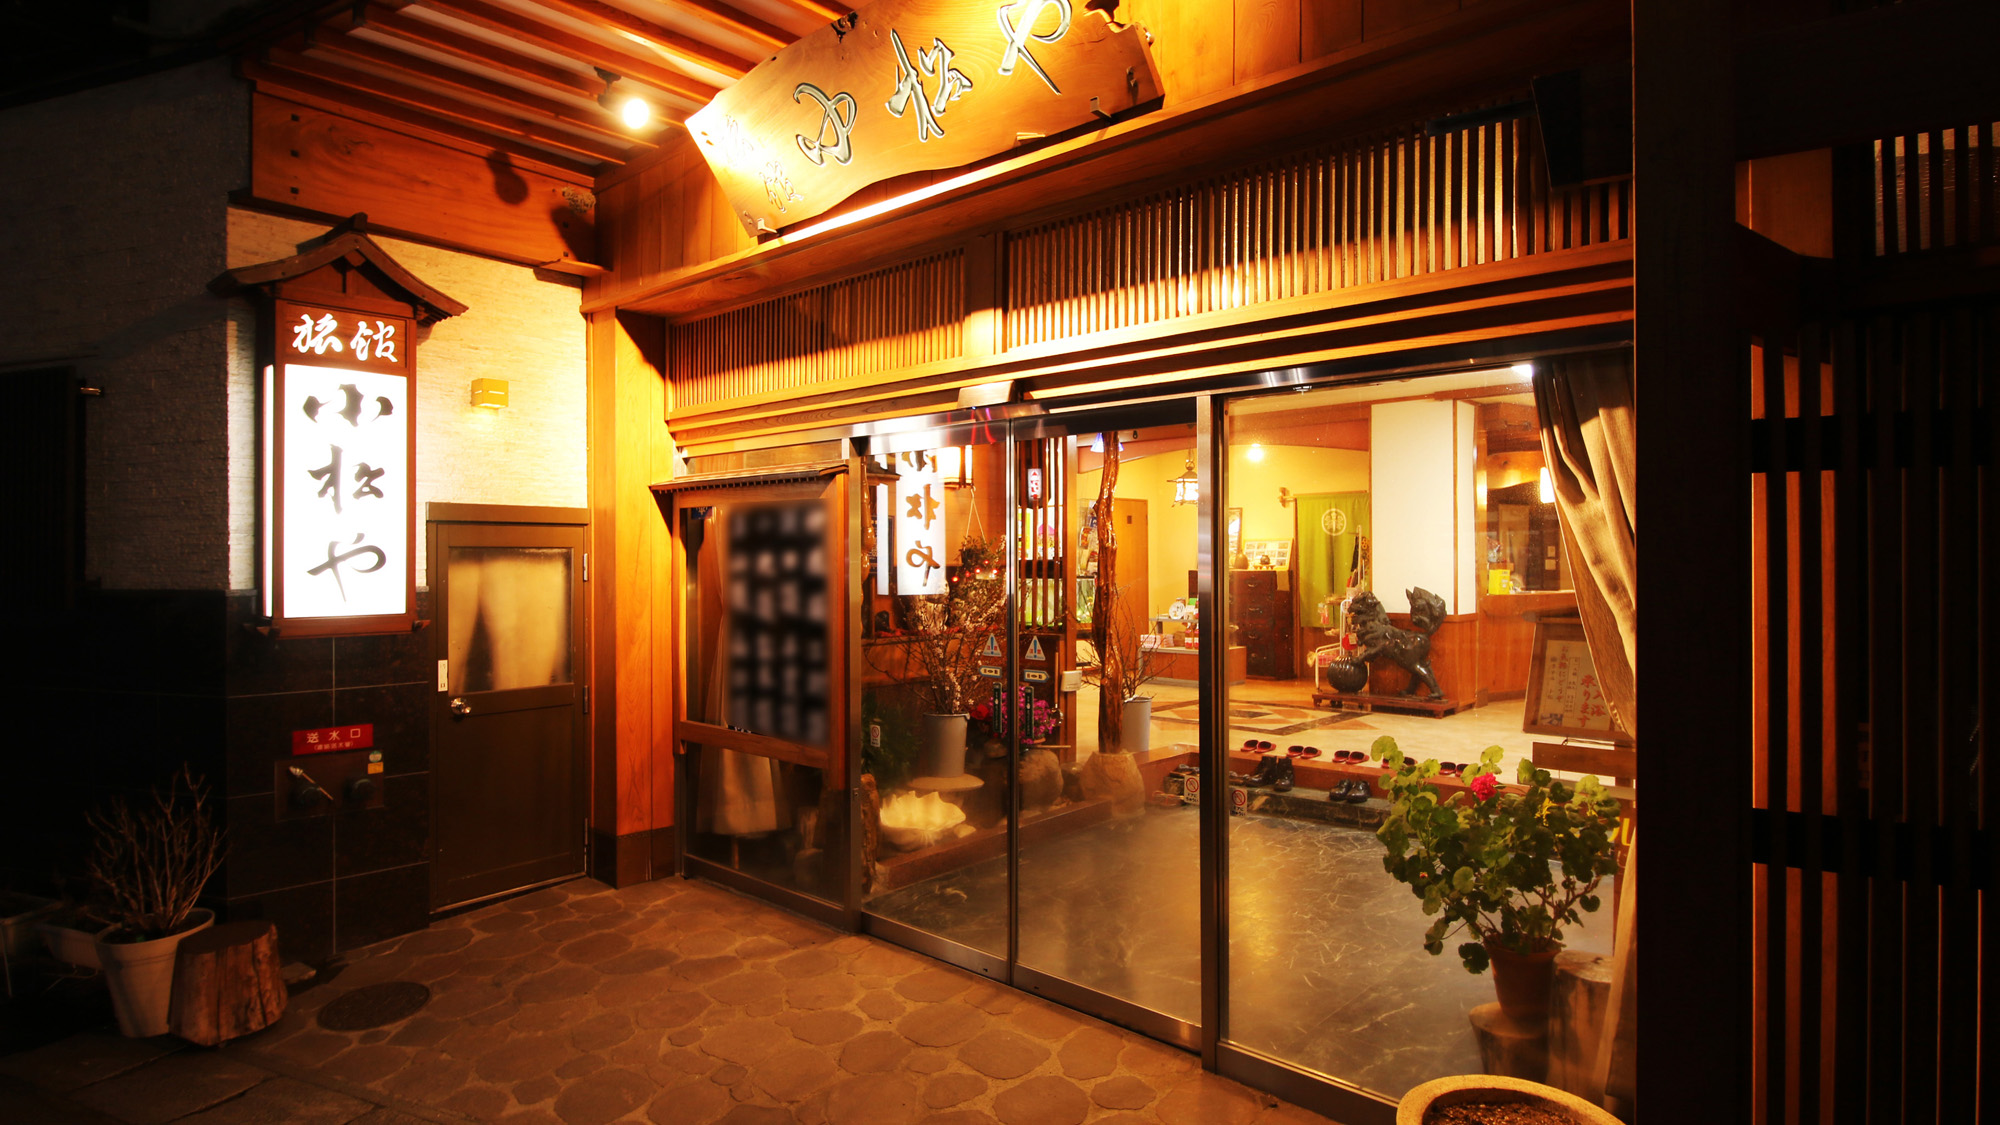 飯坂温泉 旅館 小松や